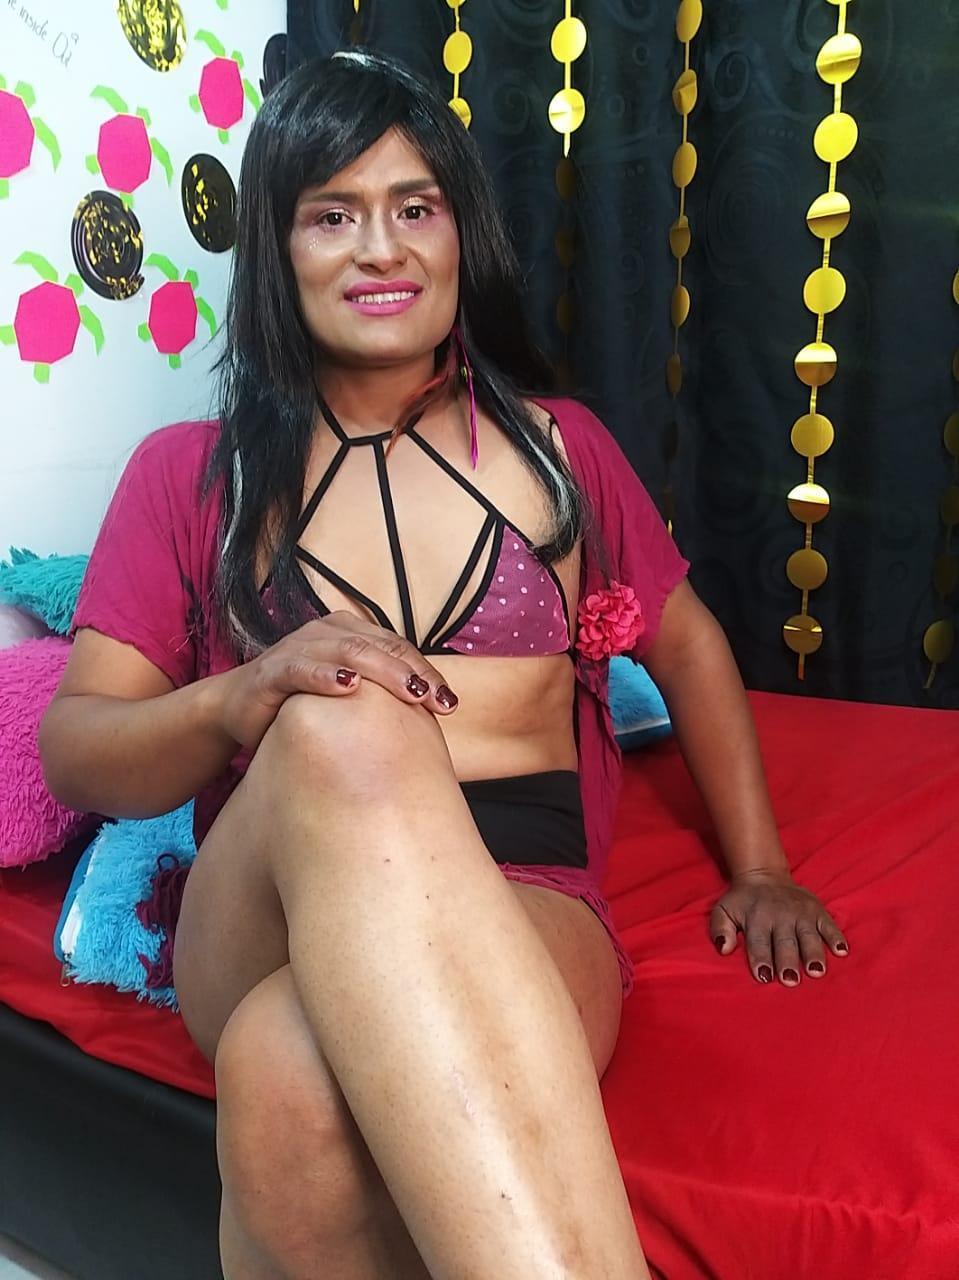 Naomi rs?s=zywwuczbsn637dyf49rsma1dmqale6lasos7dbmrofu=